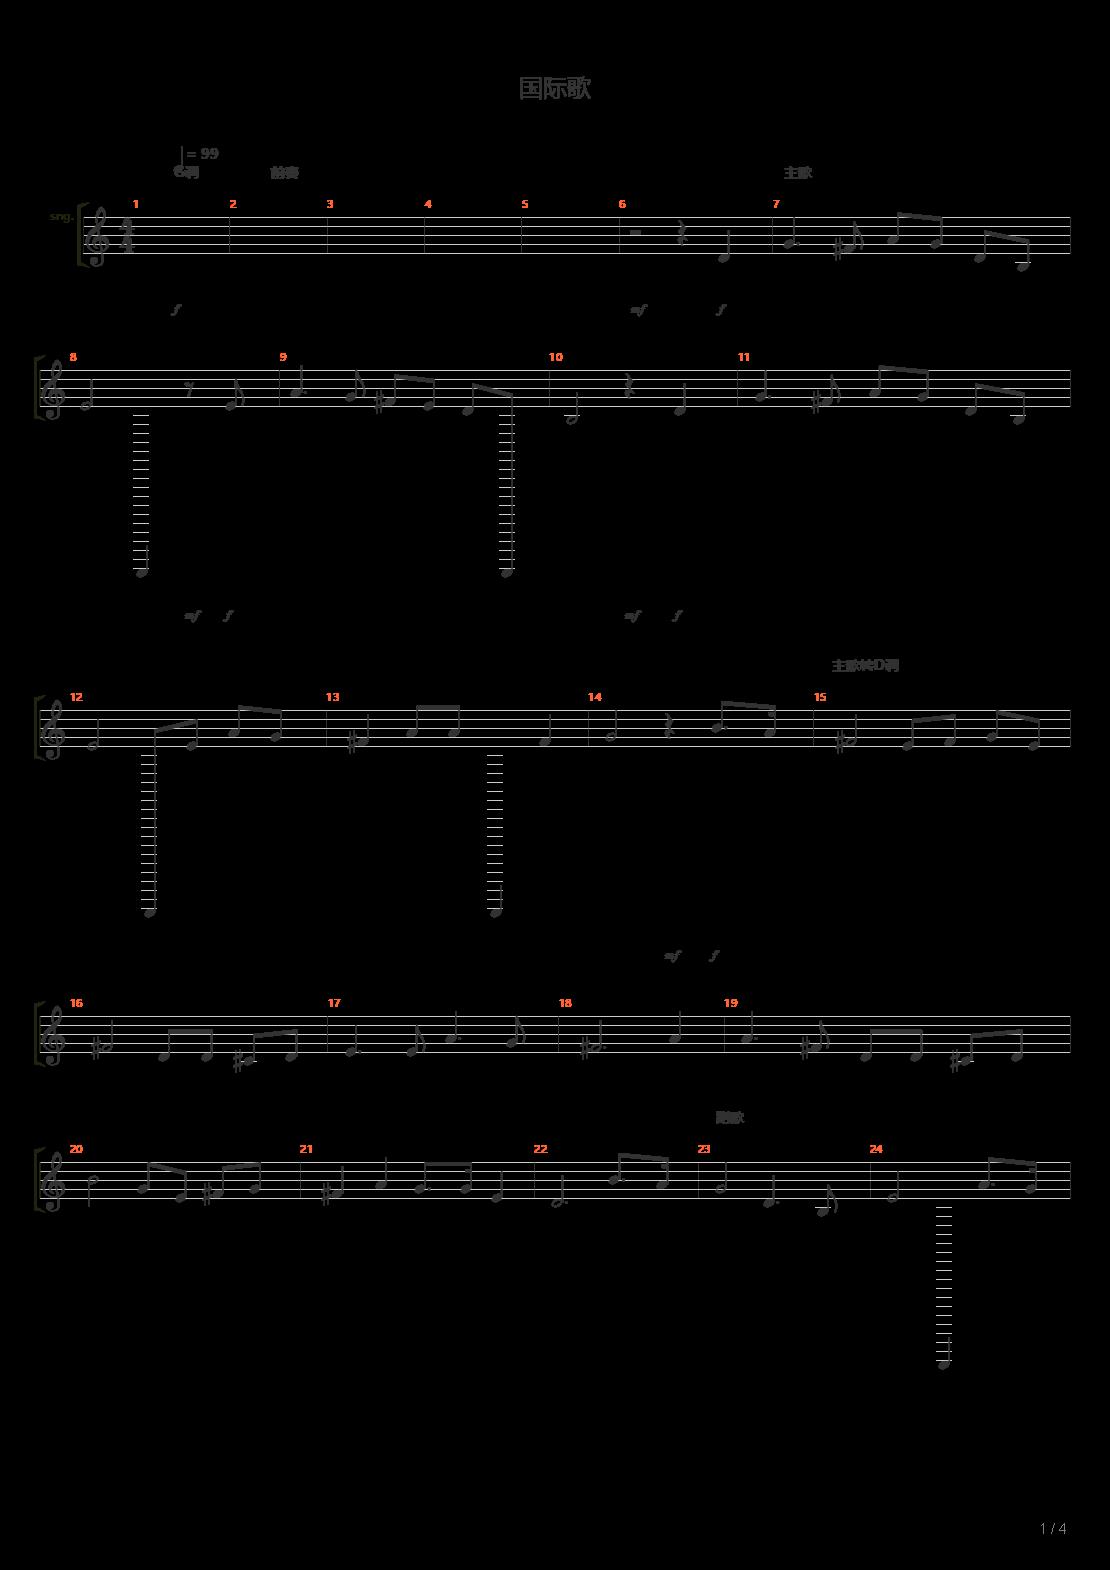 国际歌(完美版)吉他谱